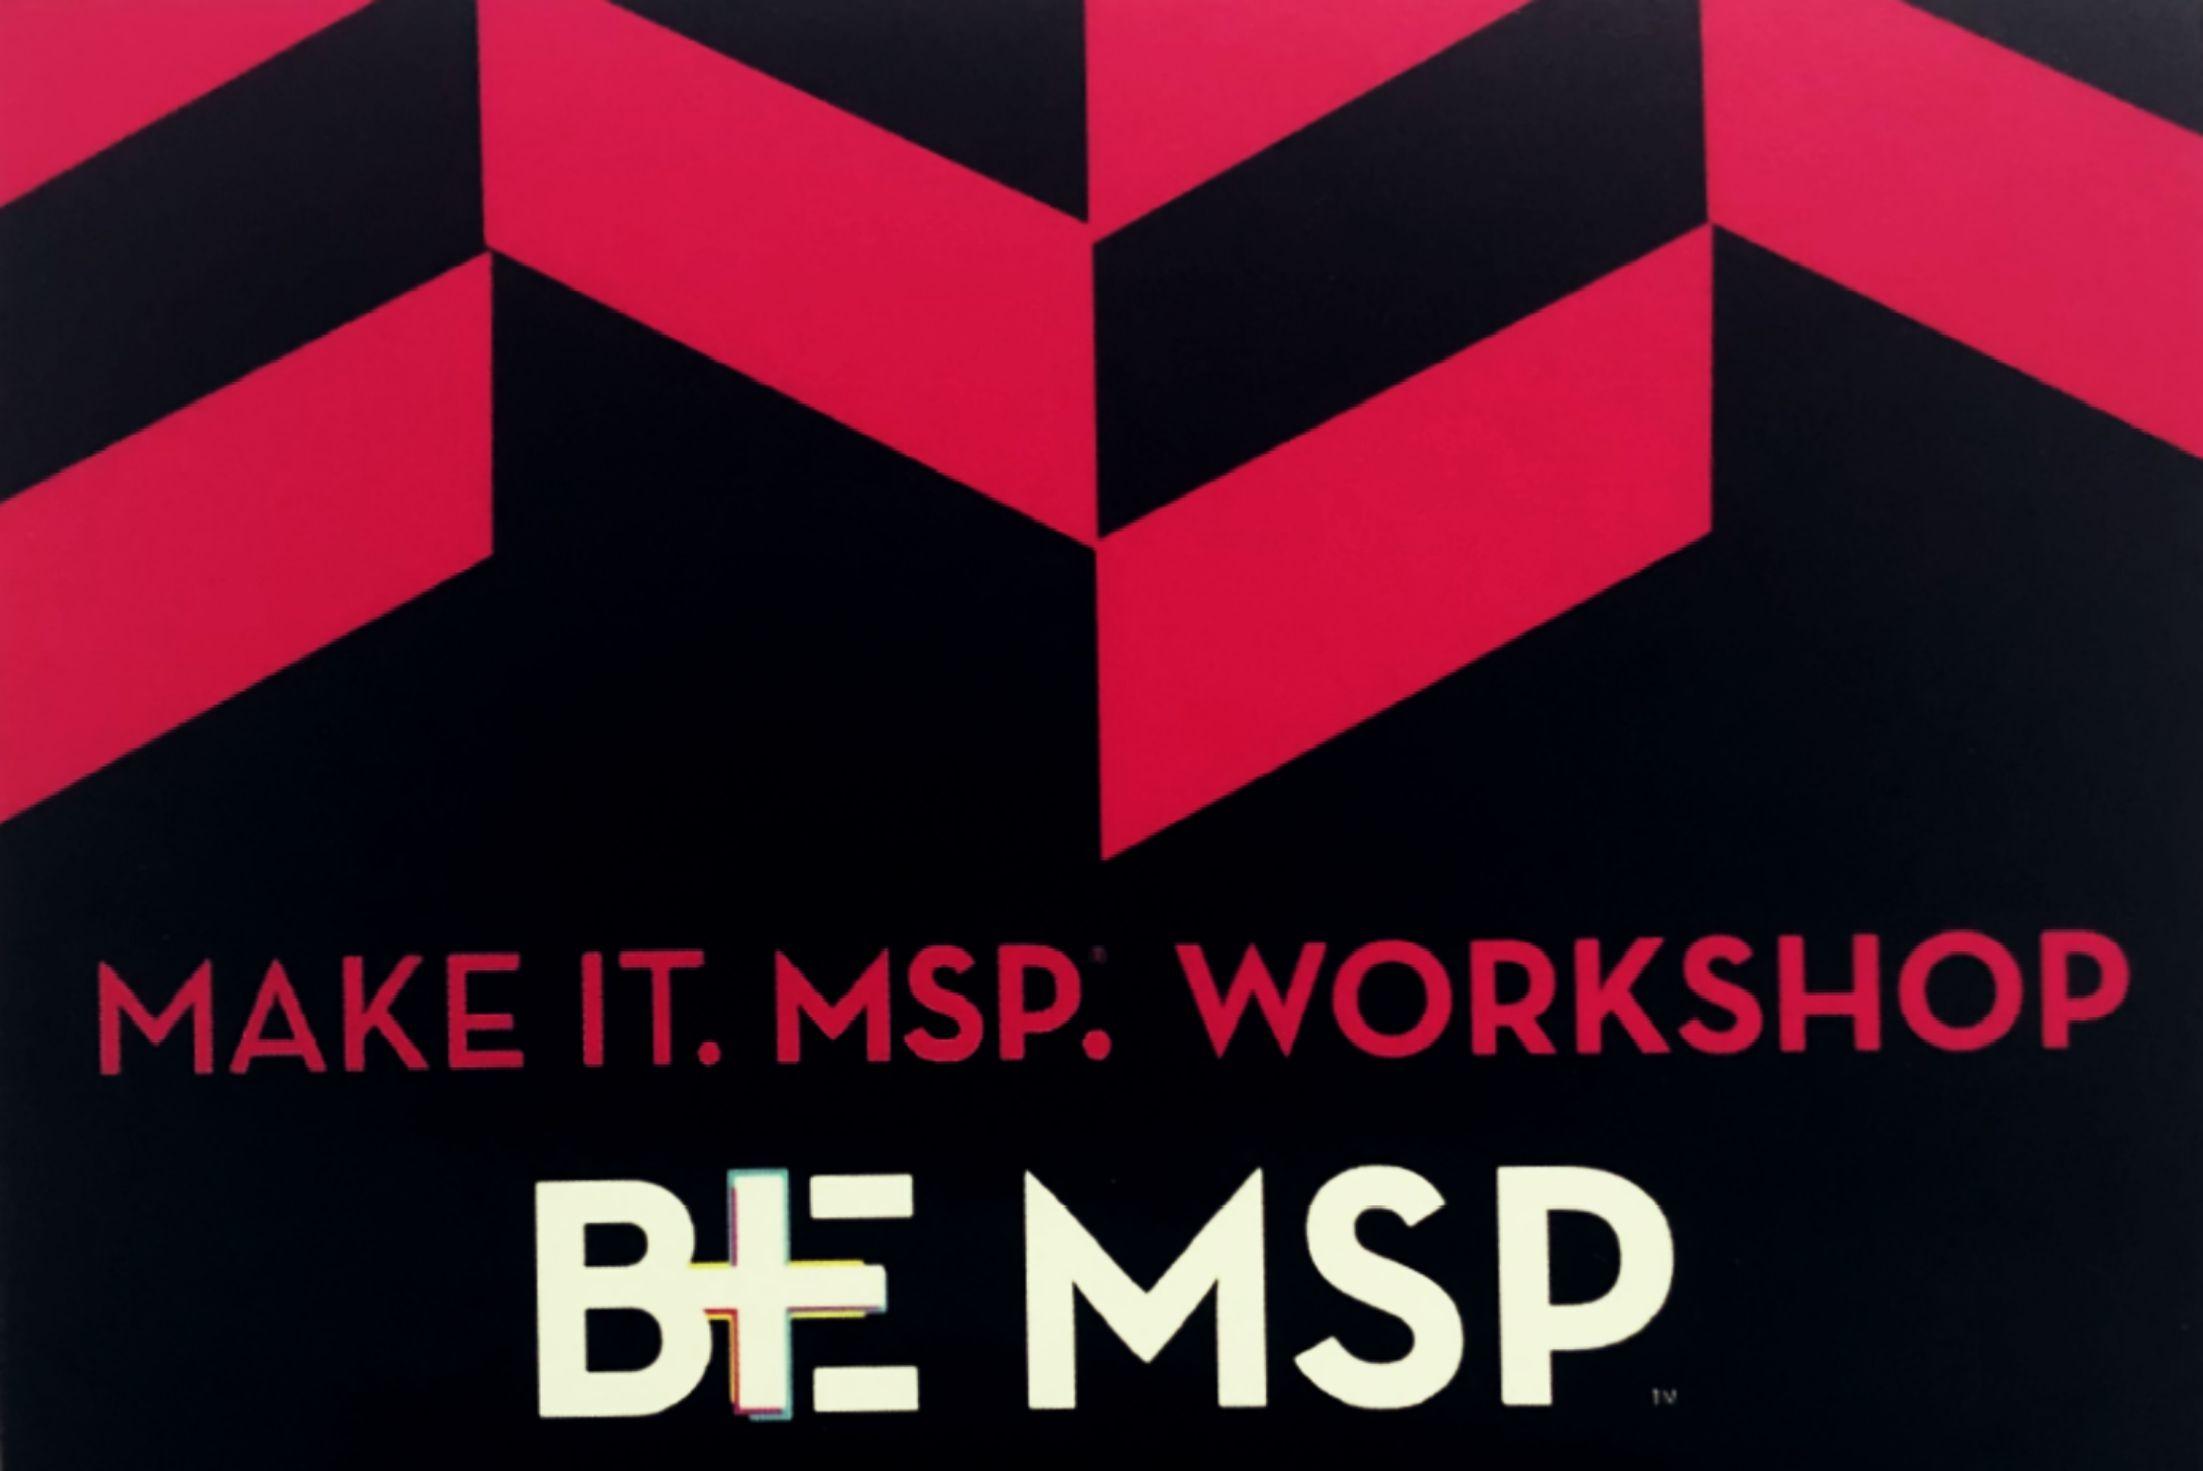 December 2019 BE MSP Workshop